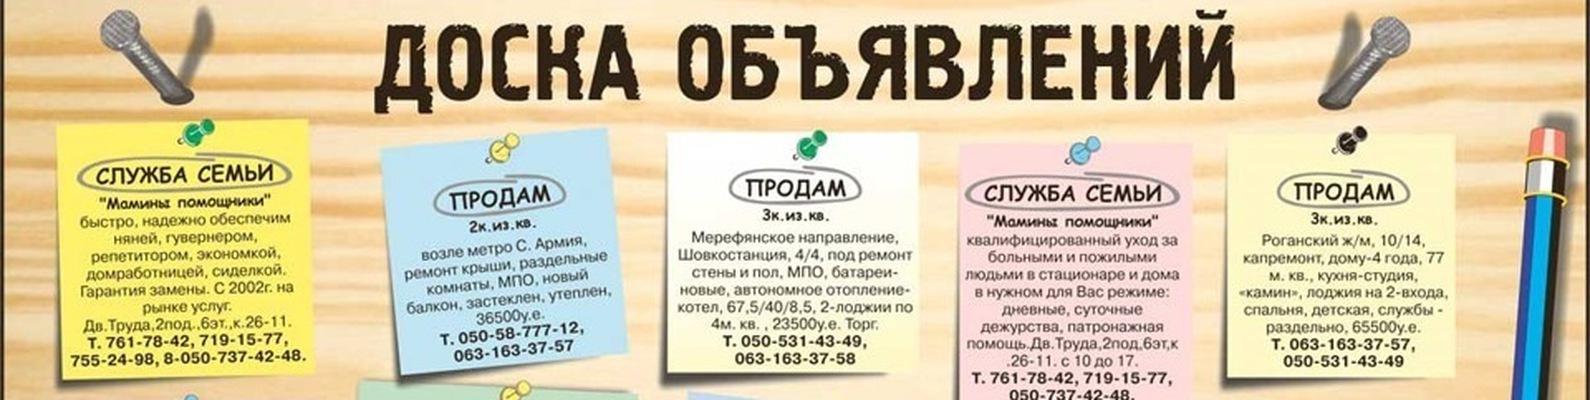 37fde4b85 Доска объявлений Кез | ВКонтакте